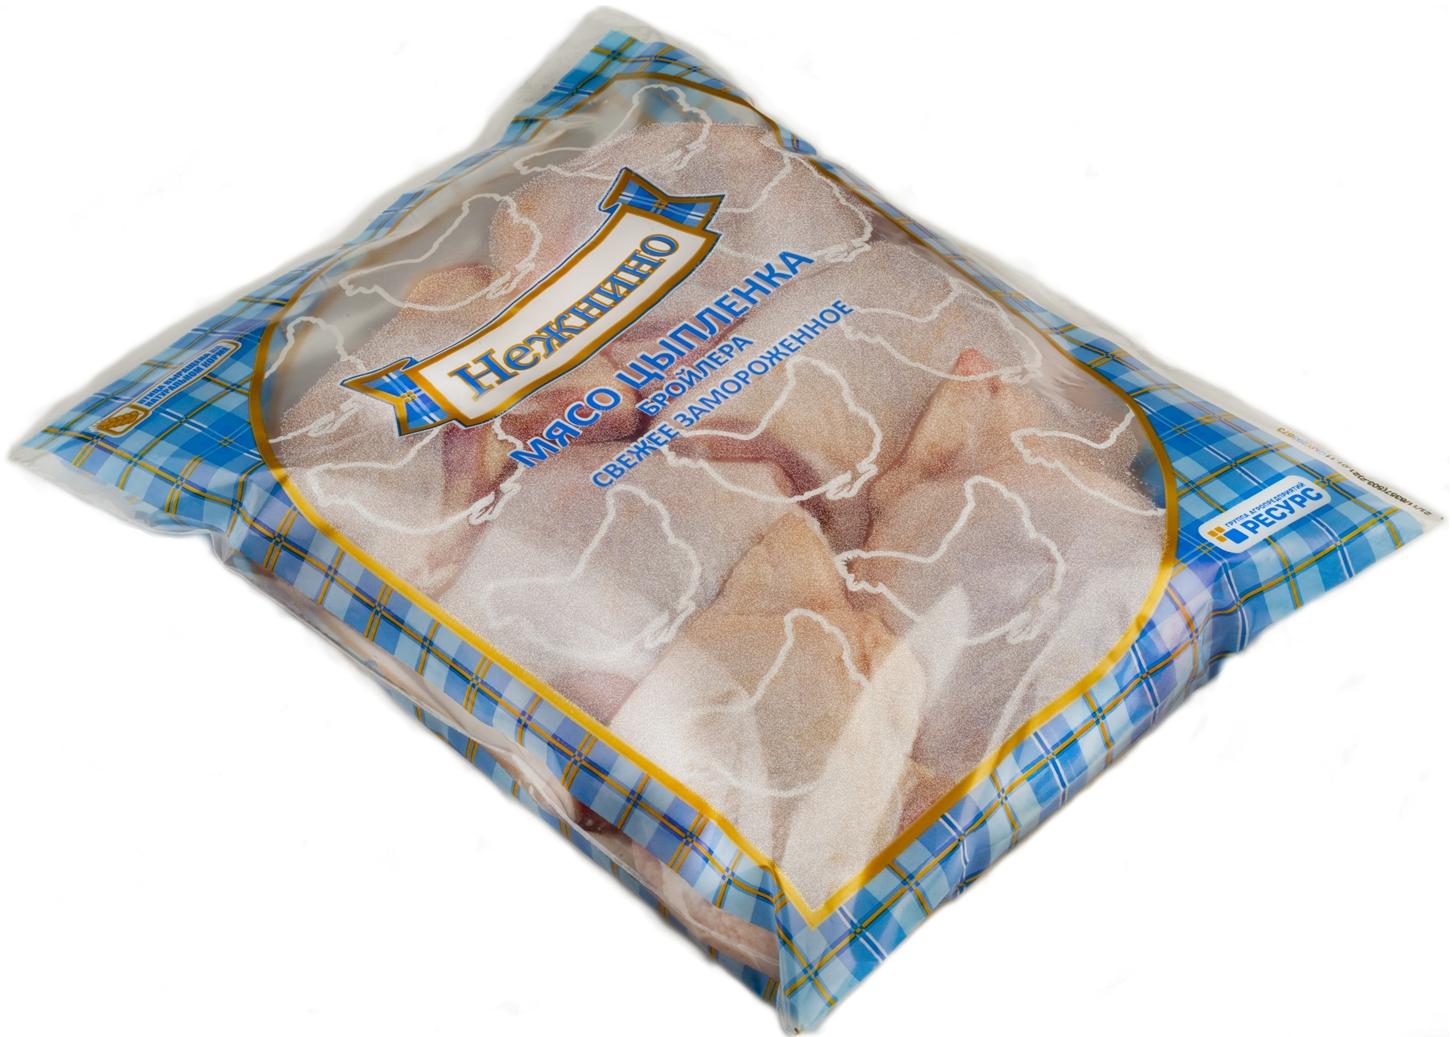 """пф из мяса птицы ЦБ от производителя """"Нежнино"""" """"Благояр"""""""